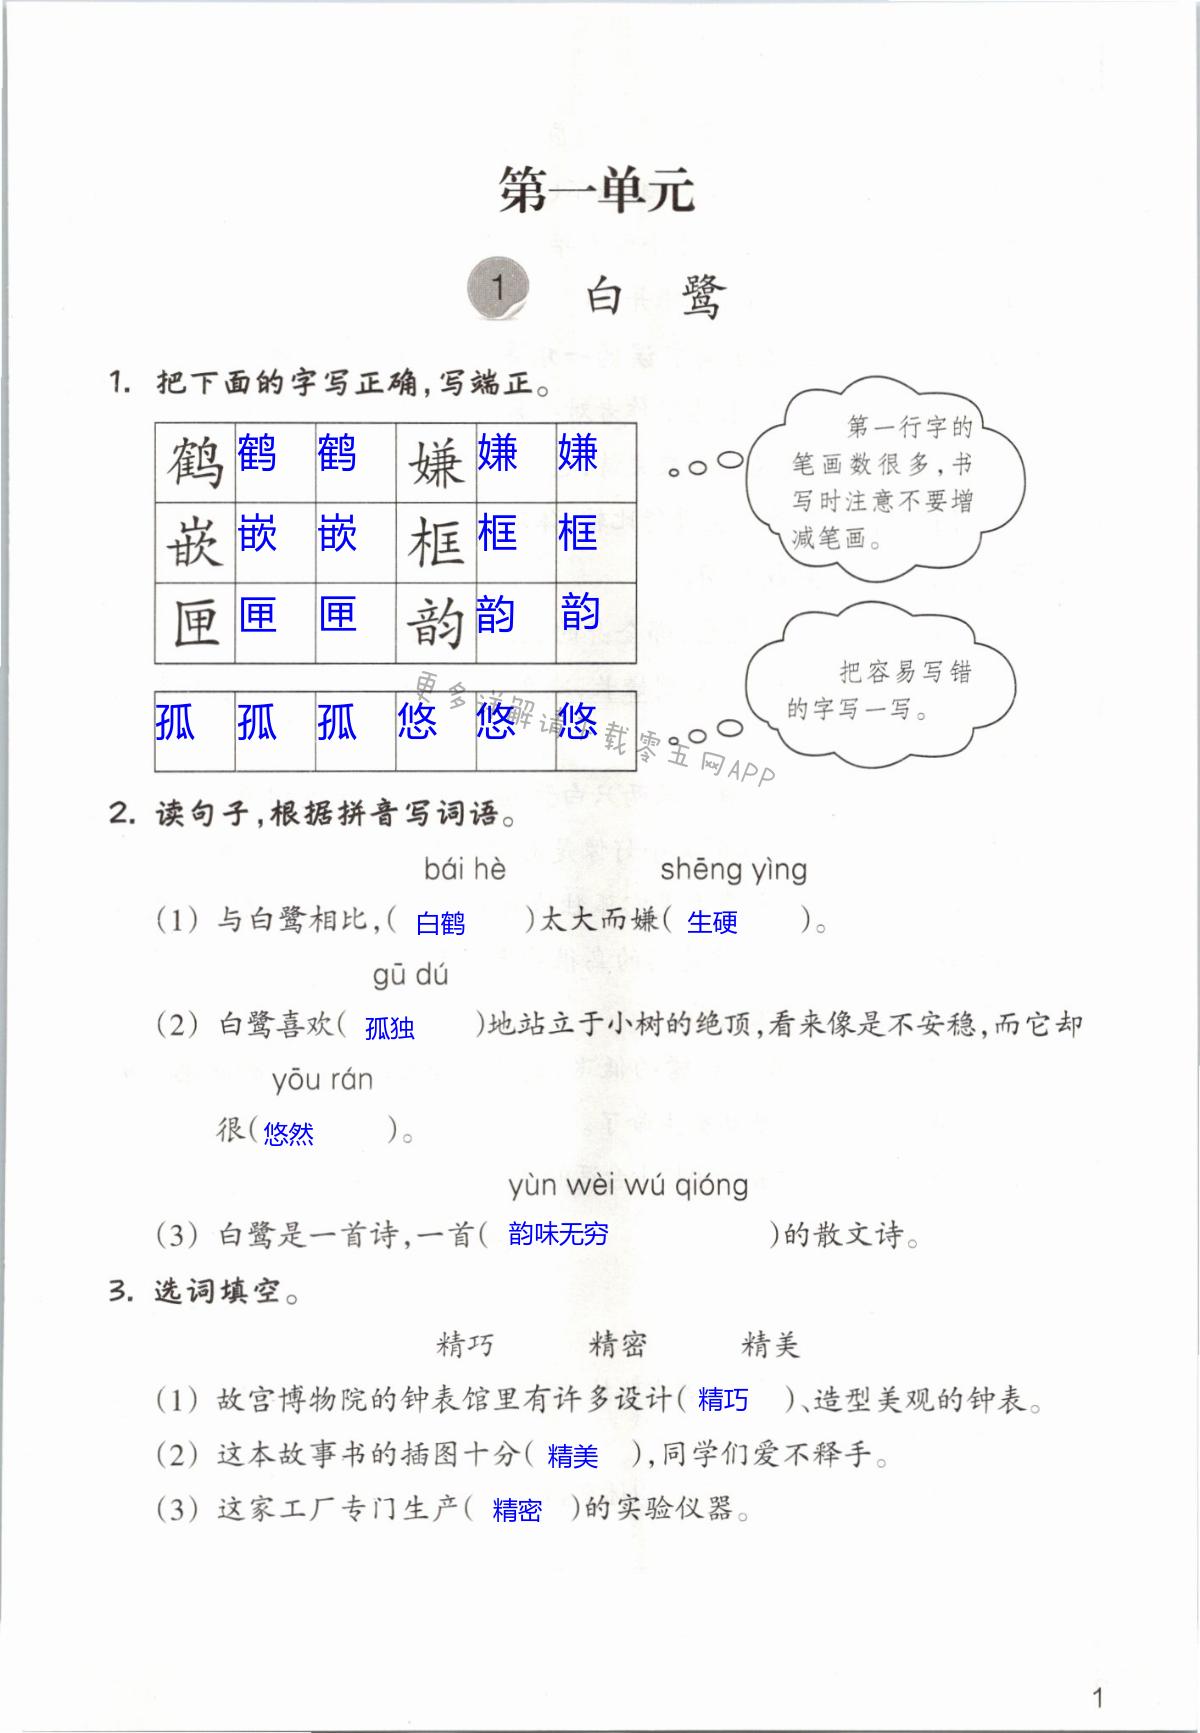 2021年作業本浙江教育出版社五年級語文上冊人教版第1頁